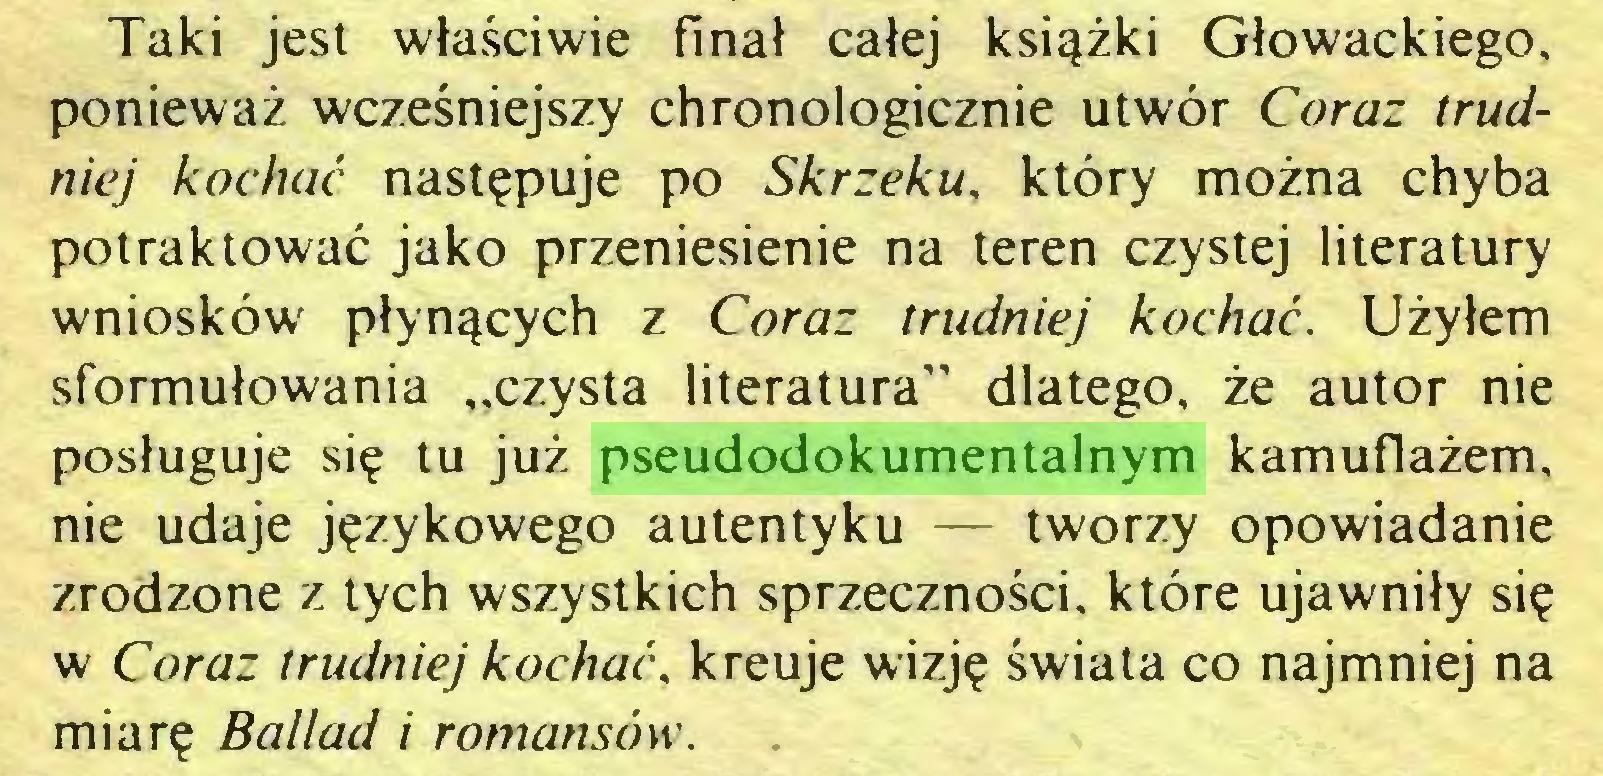 """(...) Taki jest właściwie finał całej książki Głowackiego, ponieważ wcześniejszy chronologicznie utwór Coraz trudniej kochać następuje po Skrzeku, który można chyba potraktować jako przeniesienie na teren czystej literatury wniosków płynących z Coraz trudniej kochać. Użyłem sformułowania """"czysta literatura"""" dlatego, że autor nie posługuje się tu już pseudodokumentalnym kamuflażem, nie udaje językowego autentyku — tworzy opowiadanie zrodzone z tych wszystkich sprzeczności, które ujawniły się w Coraz trudniej kochać, kreuje wizję świata co najmniej na miarę Ballad i romansów..."""